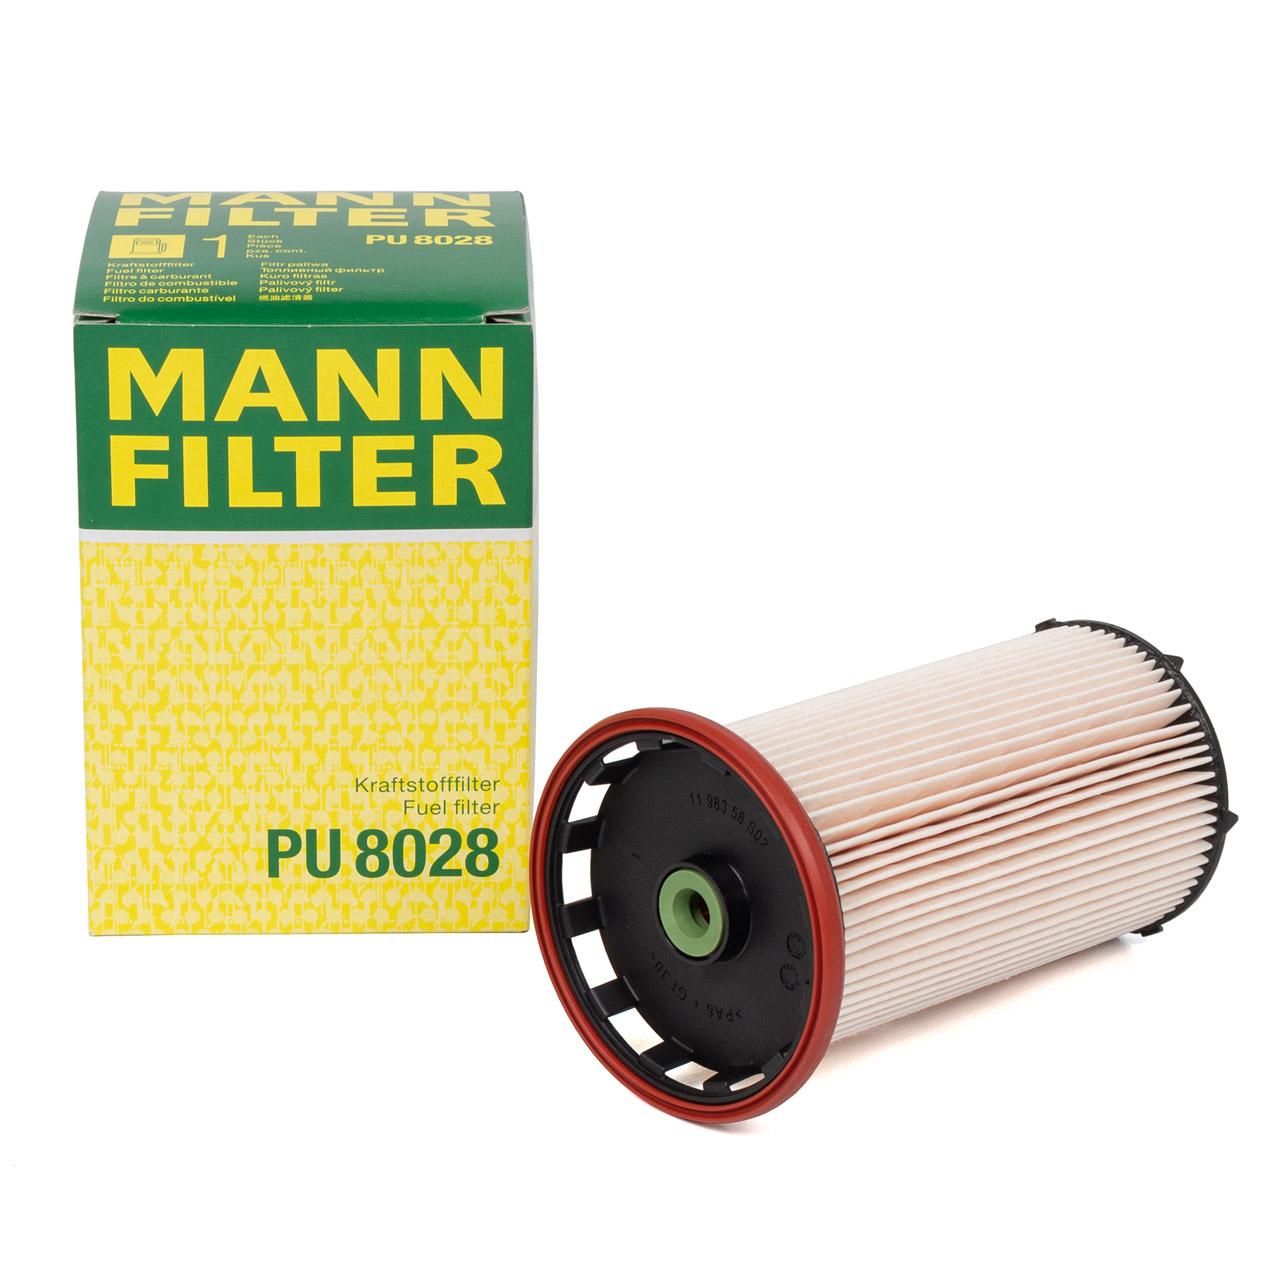 MANN PU8028 Kraftstofffilter Dieselfilter AUDI A3 Q2 Q3 SEAT SKODA VW Golf 7 1.6 2.0 TDI